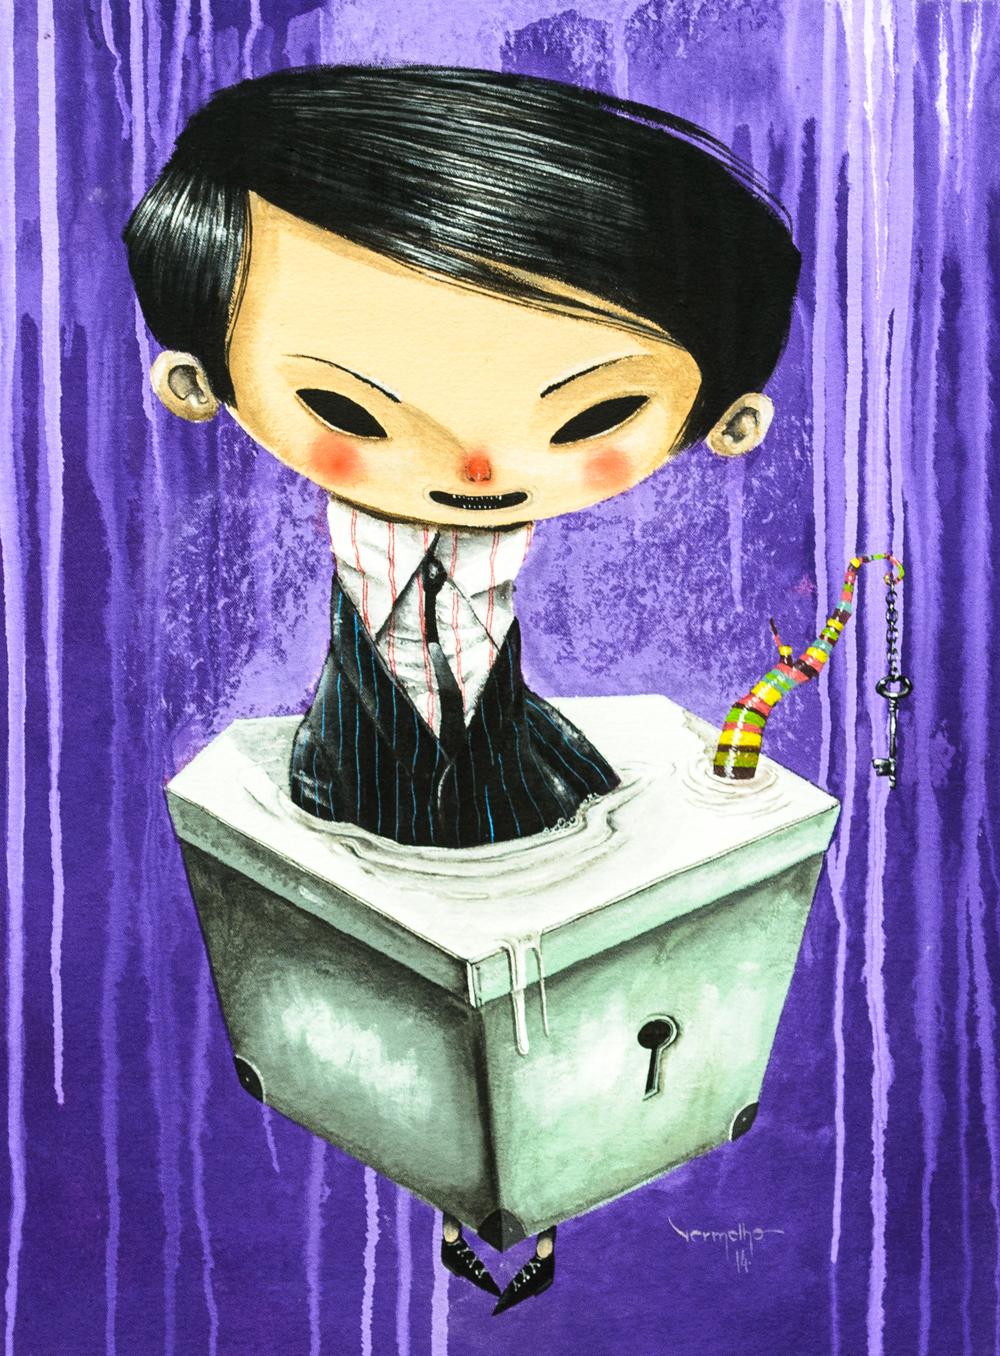 """Vermelho, """"A Caixa de Elliot (Elliot's Box)"""" (2014)"""